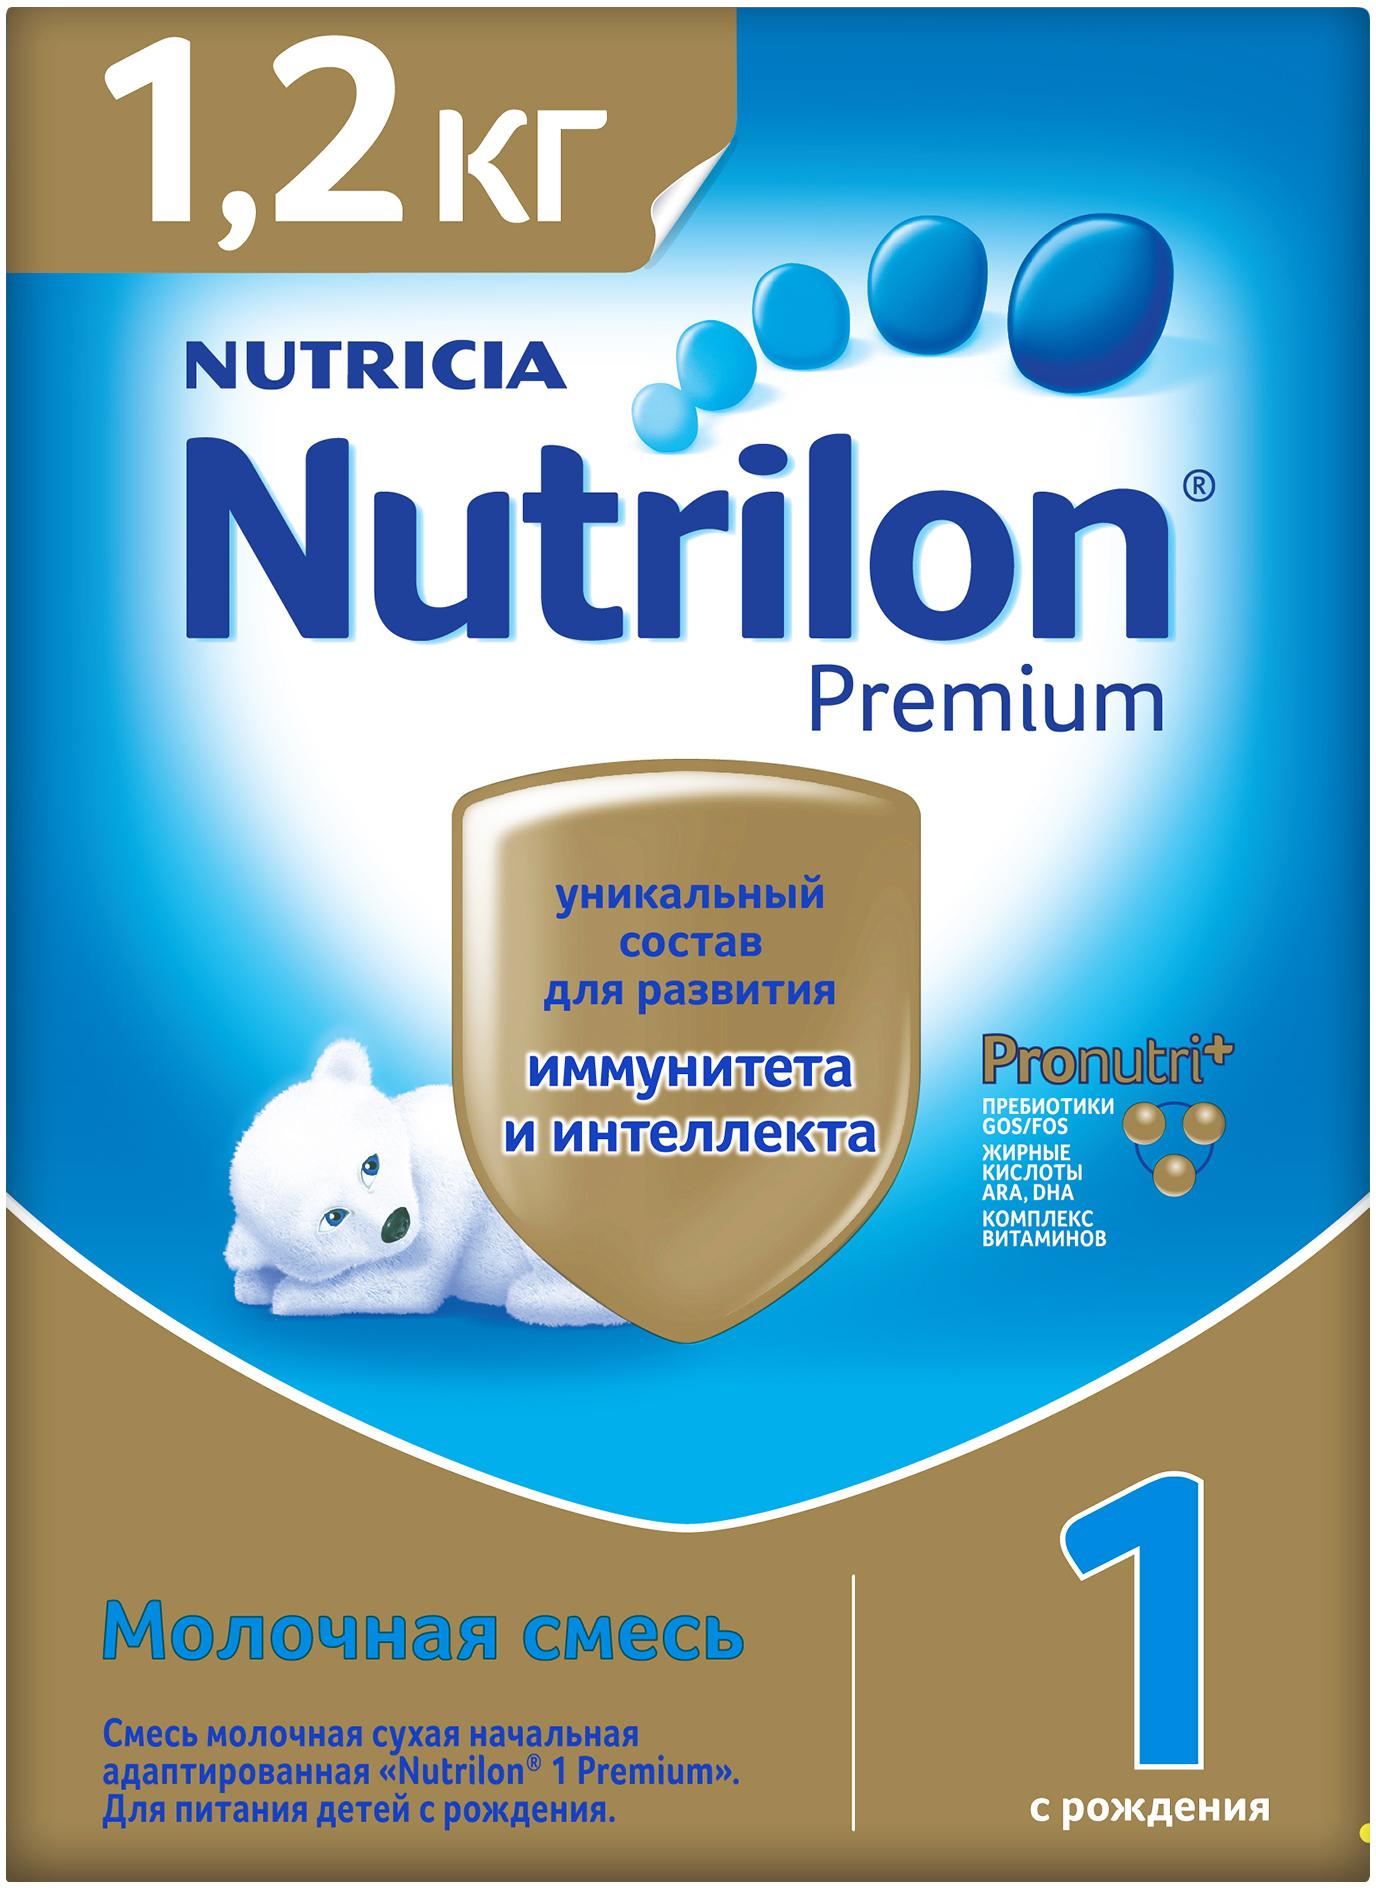 Молочная смесь Nutricia Nutrilon (Nutricia) 1 Premium (c рождения) 1200 г молочная смесь nutricia nutrilon nutricia 1 premium c рождения 400 г